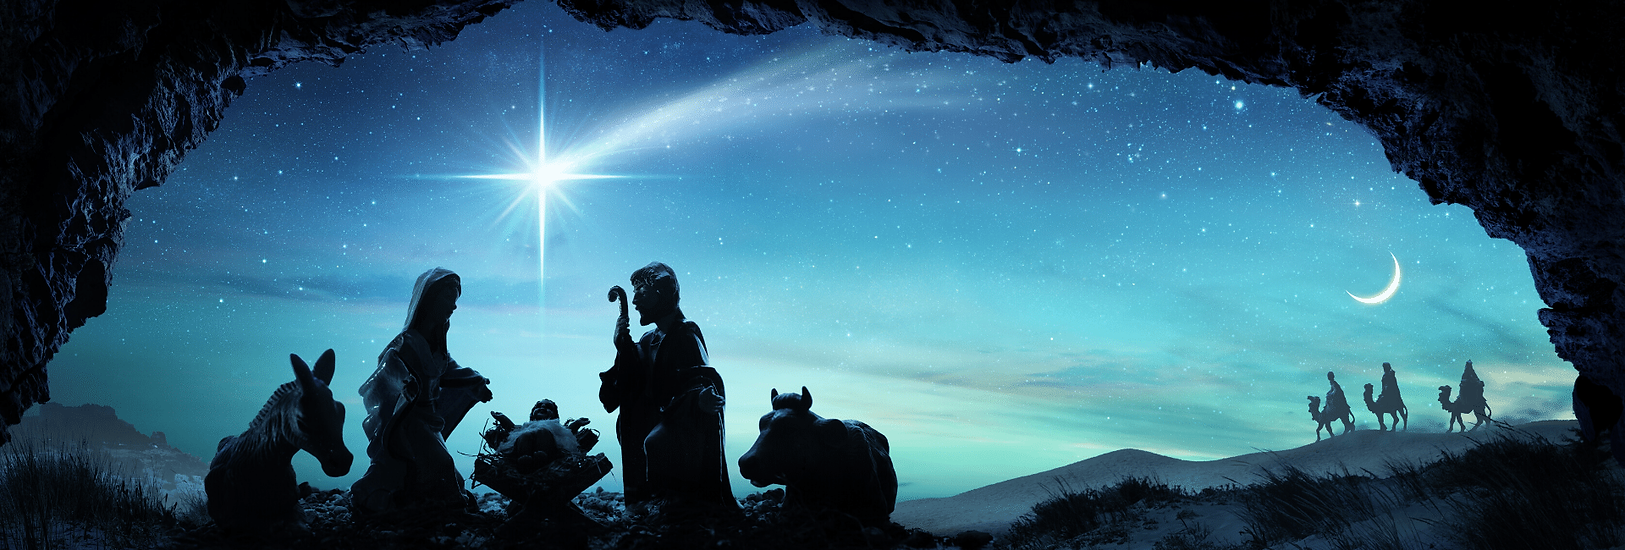 naissance-de-jesus-christ.png